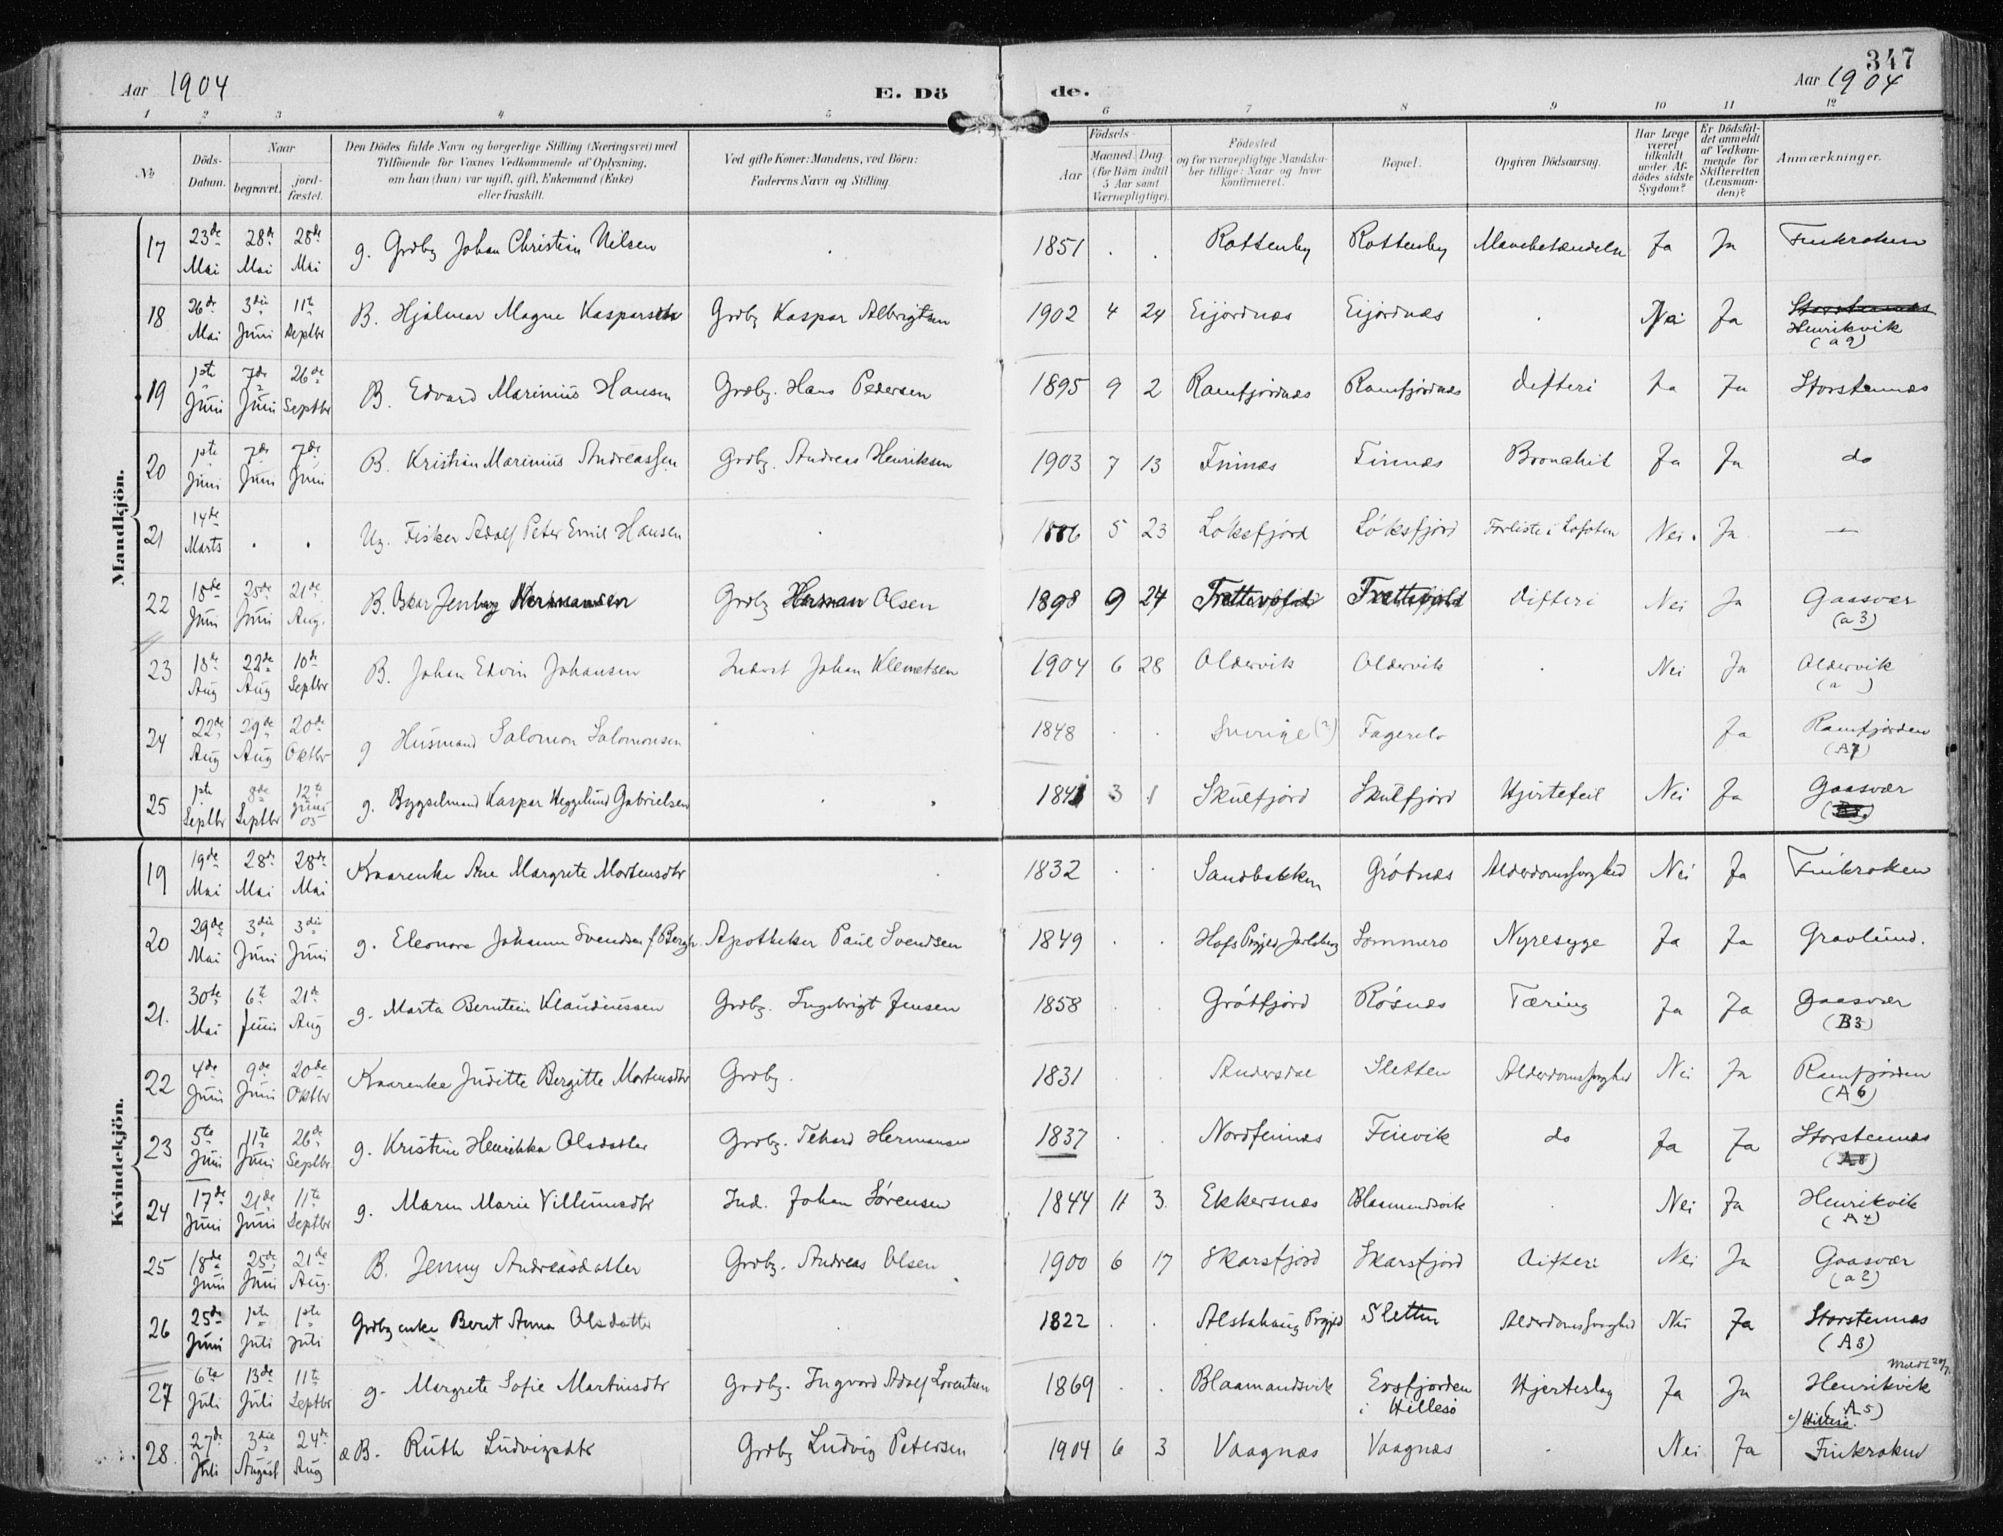 SATØ, Tromsøysund sokneprestkontor, G/Ga/L0006kirke: Ministerialbok nr. 6, 1897-1906, s. 347